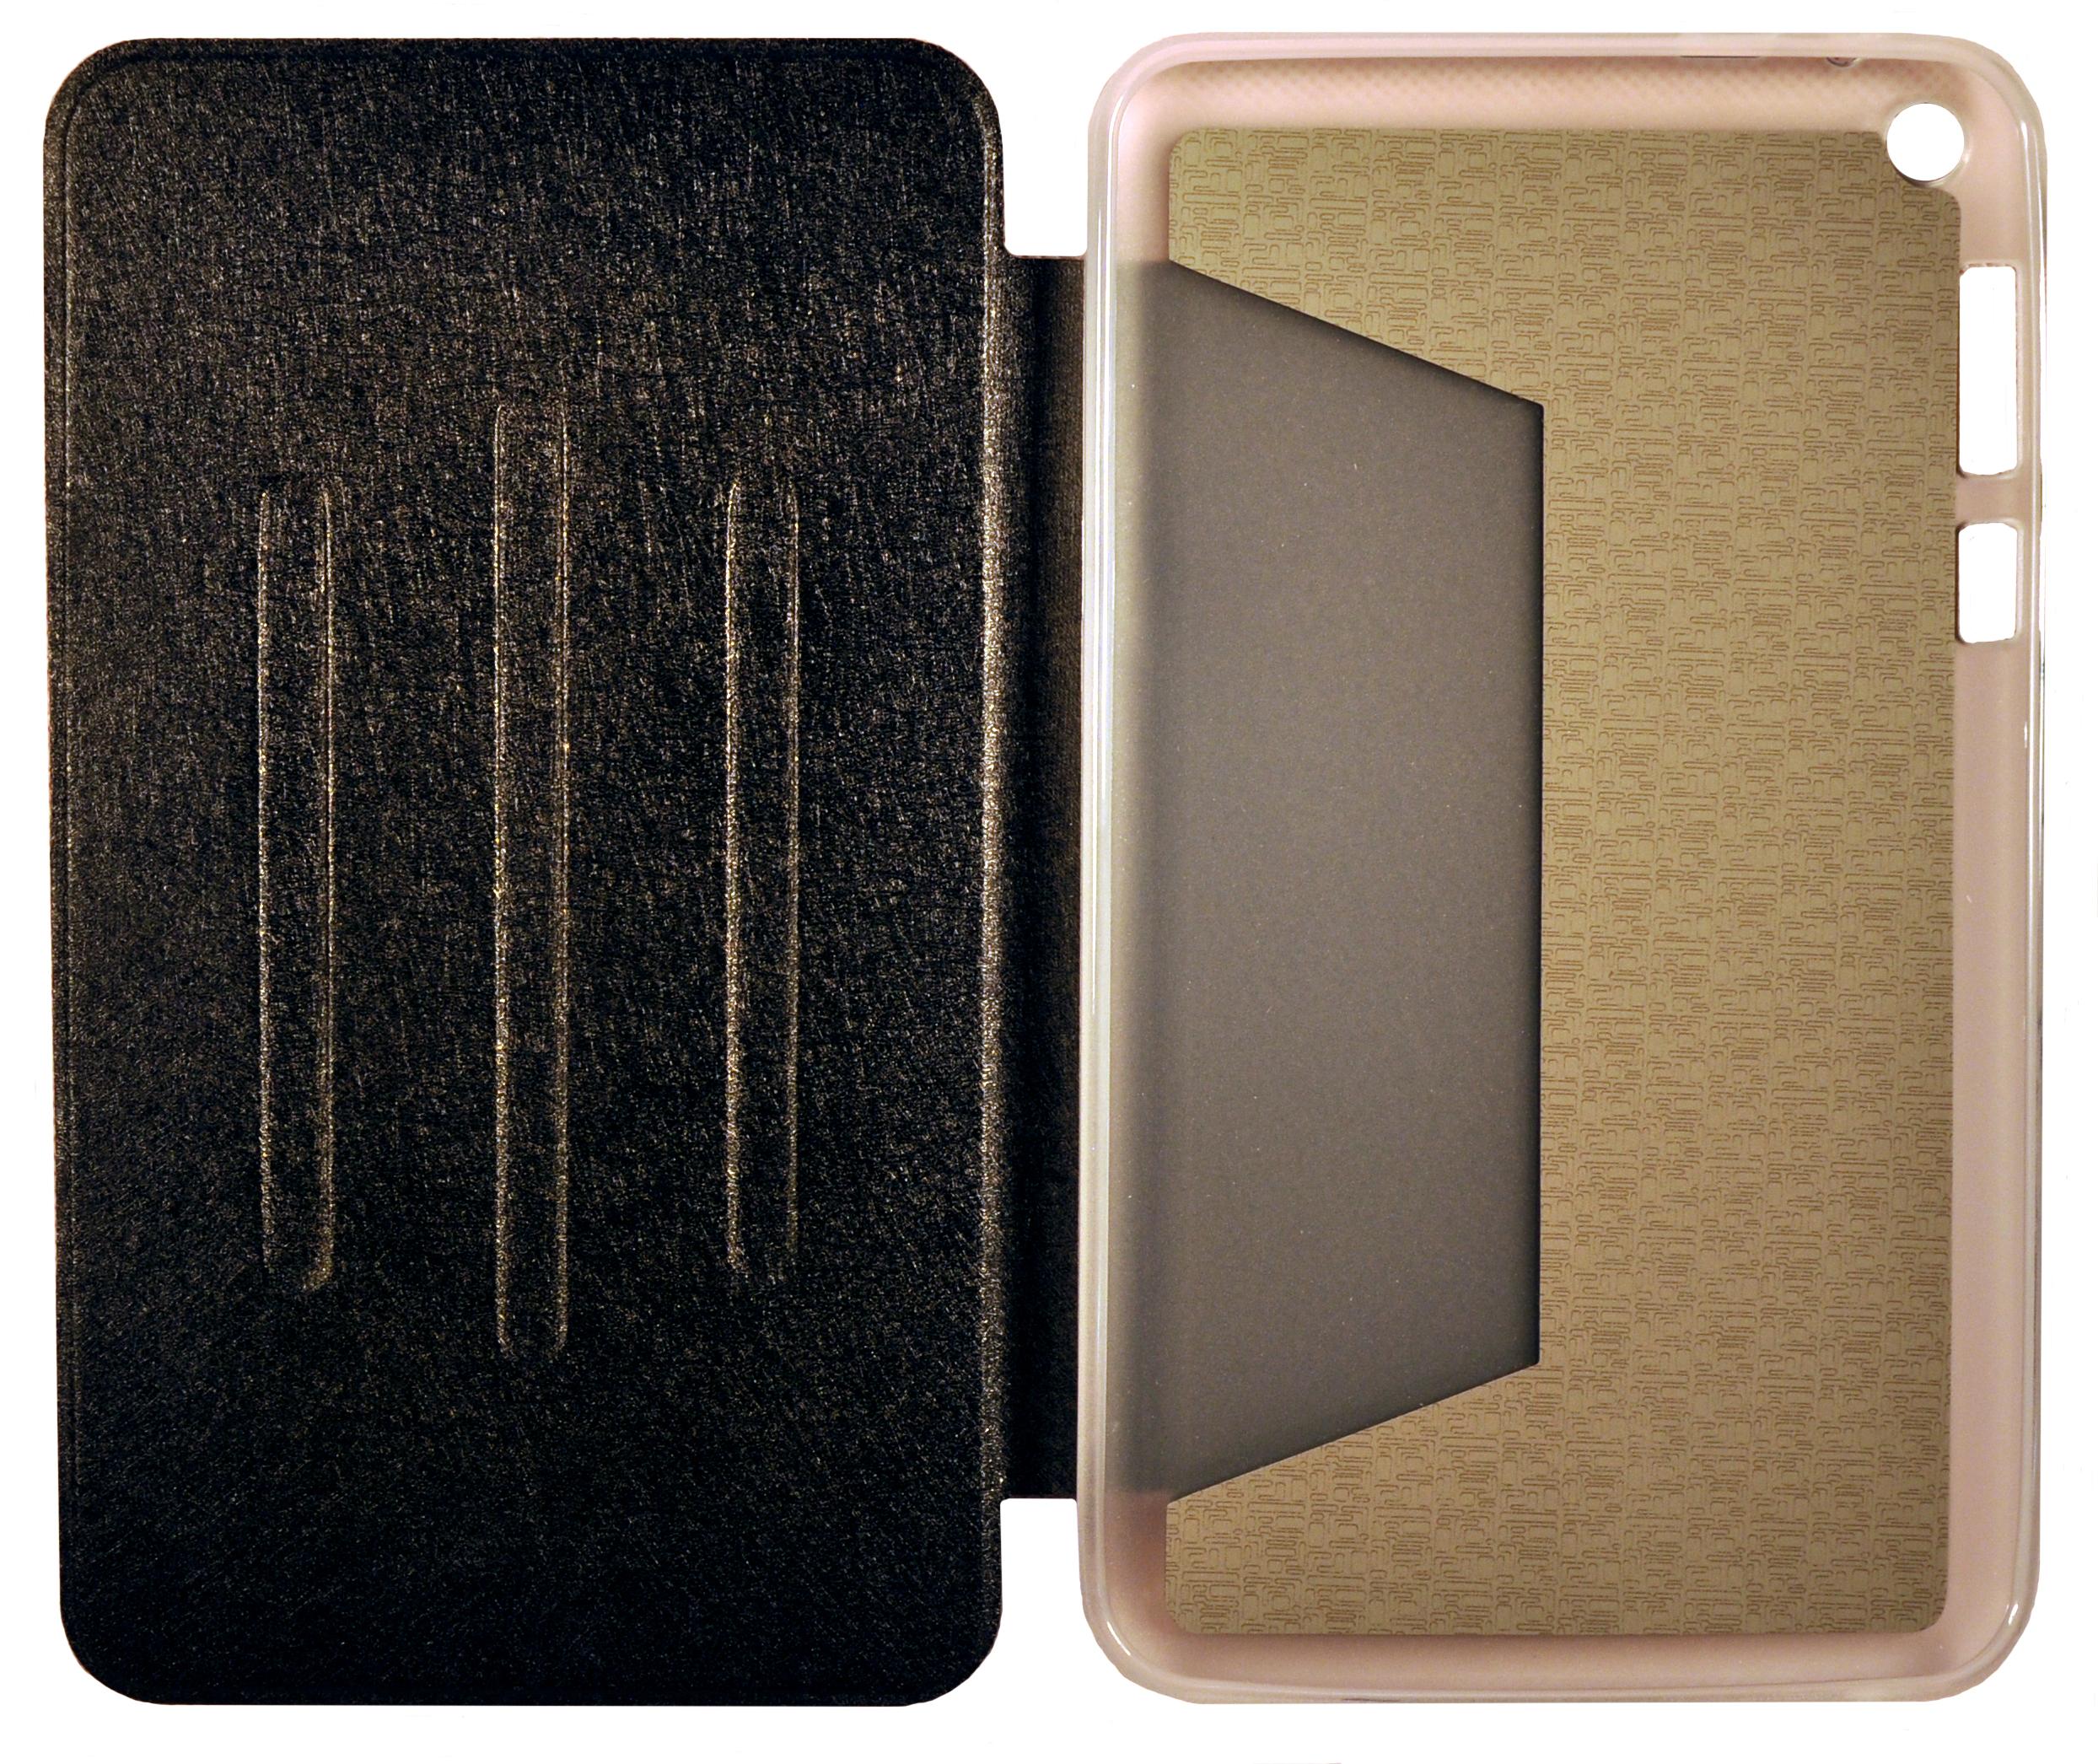 noname Чехол футляр-книга Book Cover для ASUS Fonepad 8 FE380CG с силиконовым основанием без логотипа (чёрный)